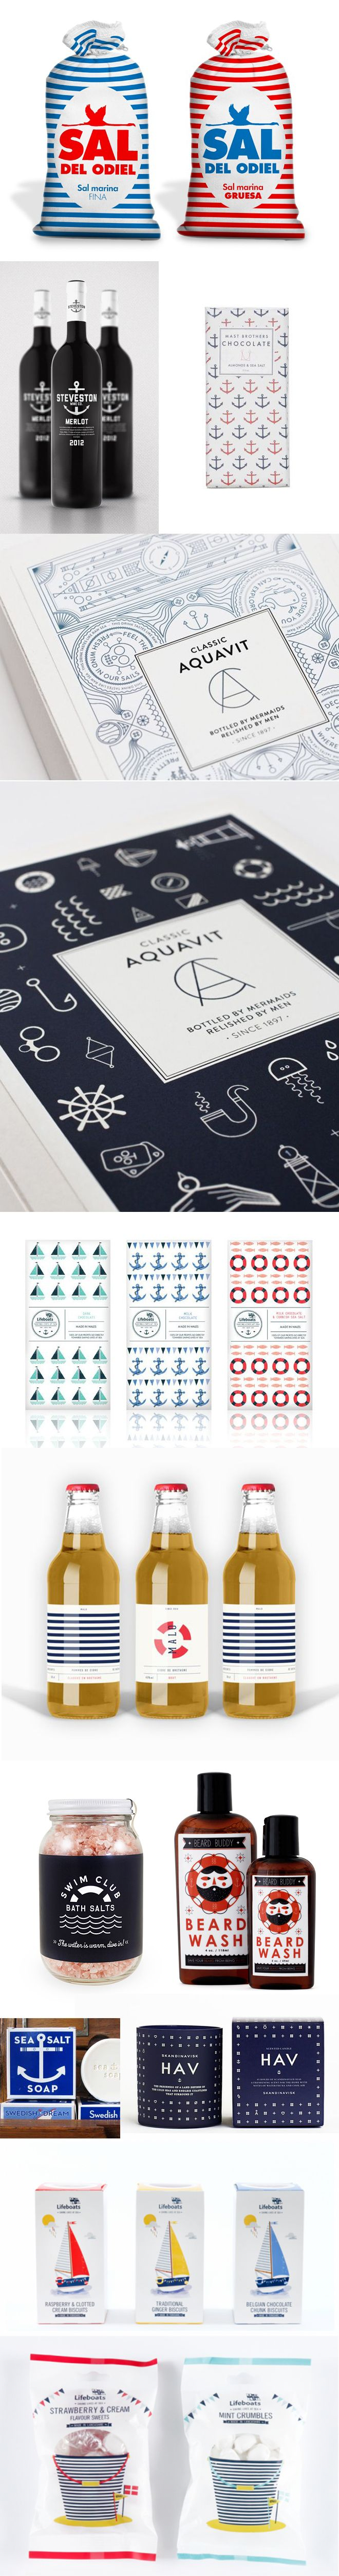 Marine Sailor Packaging Förpackad -Blogg om Förpackningsdesign, Förpackningar, Grafisk Design - CAP&Design